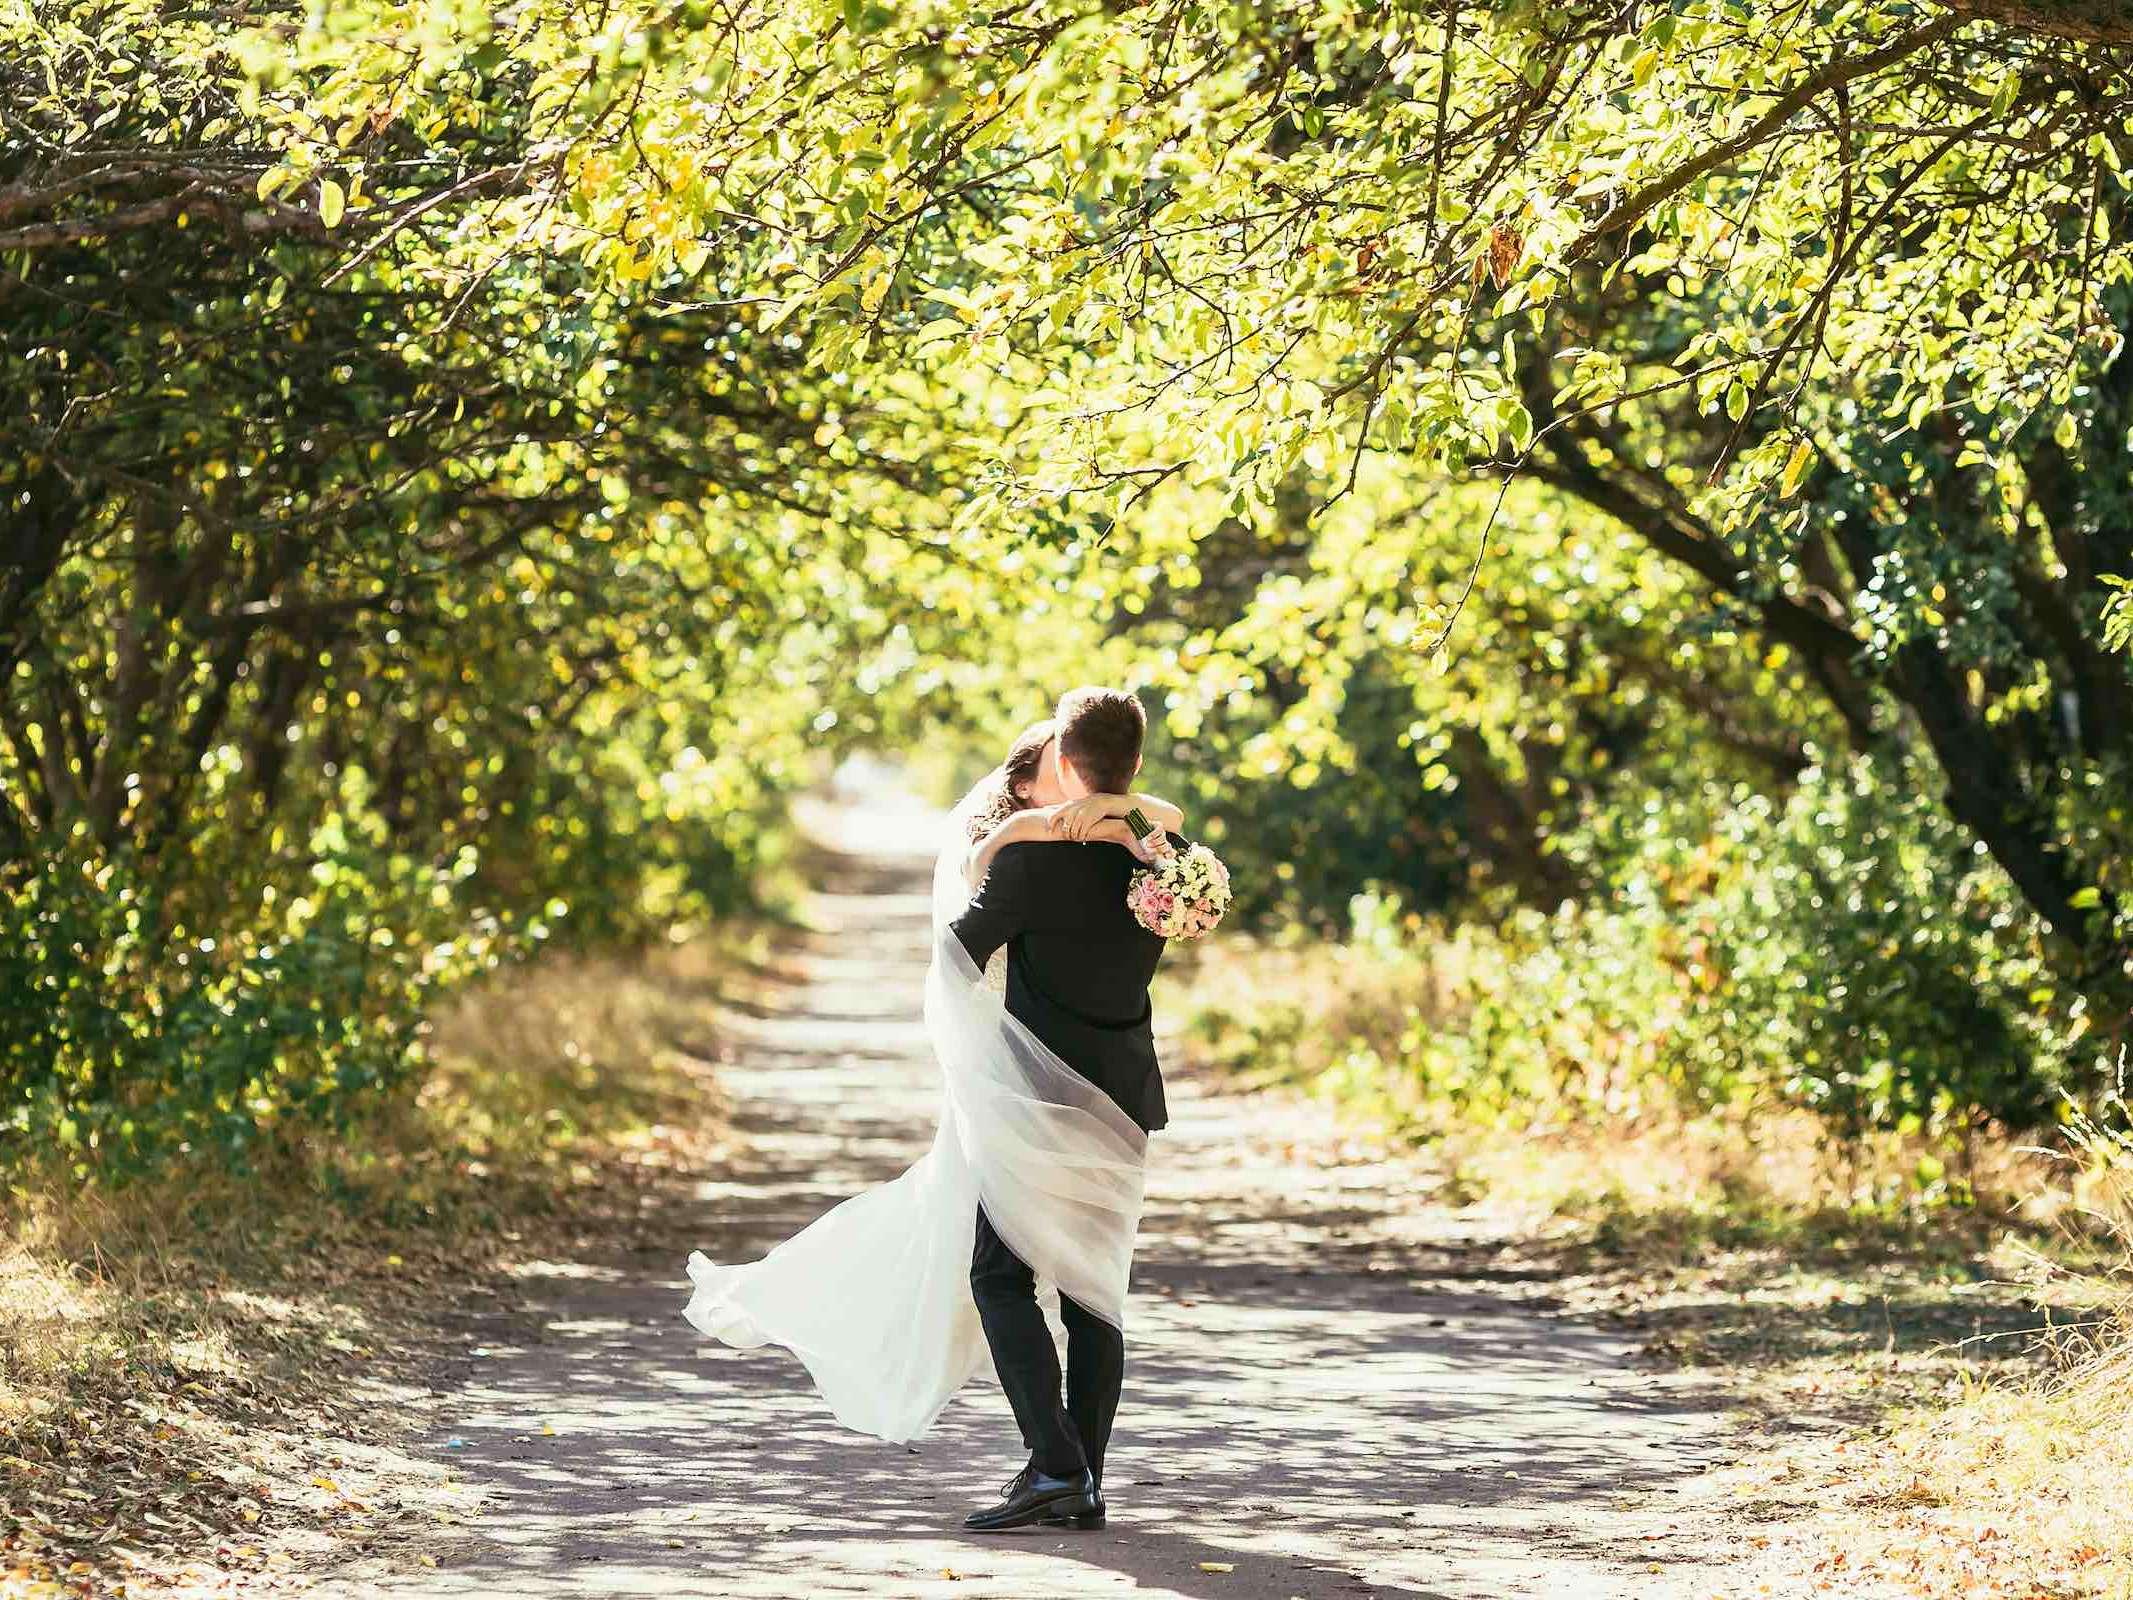 Hochzeitsfotograf | Hameln | Hannover | Celle | Peine | Fotograf | Braunschweig | Hochzeit | Hochzeitsfotografie | Hochzeitsreportage | Fotografie | Mieten | Buchen | Lehmann | Eventservice